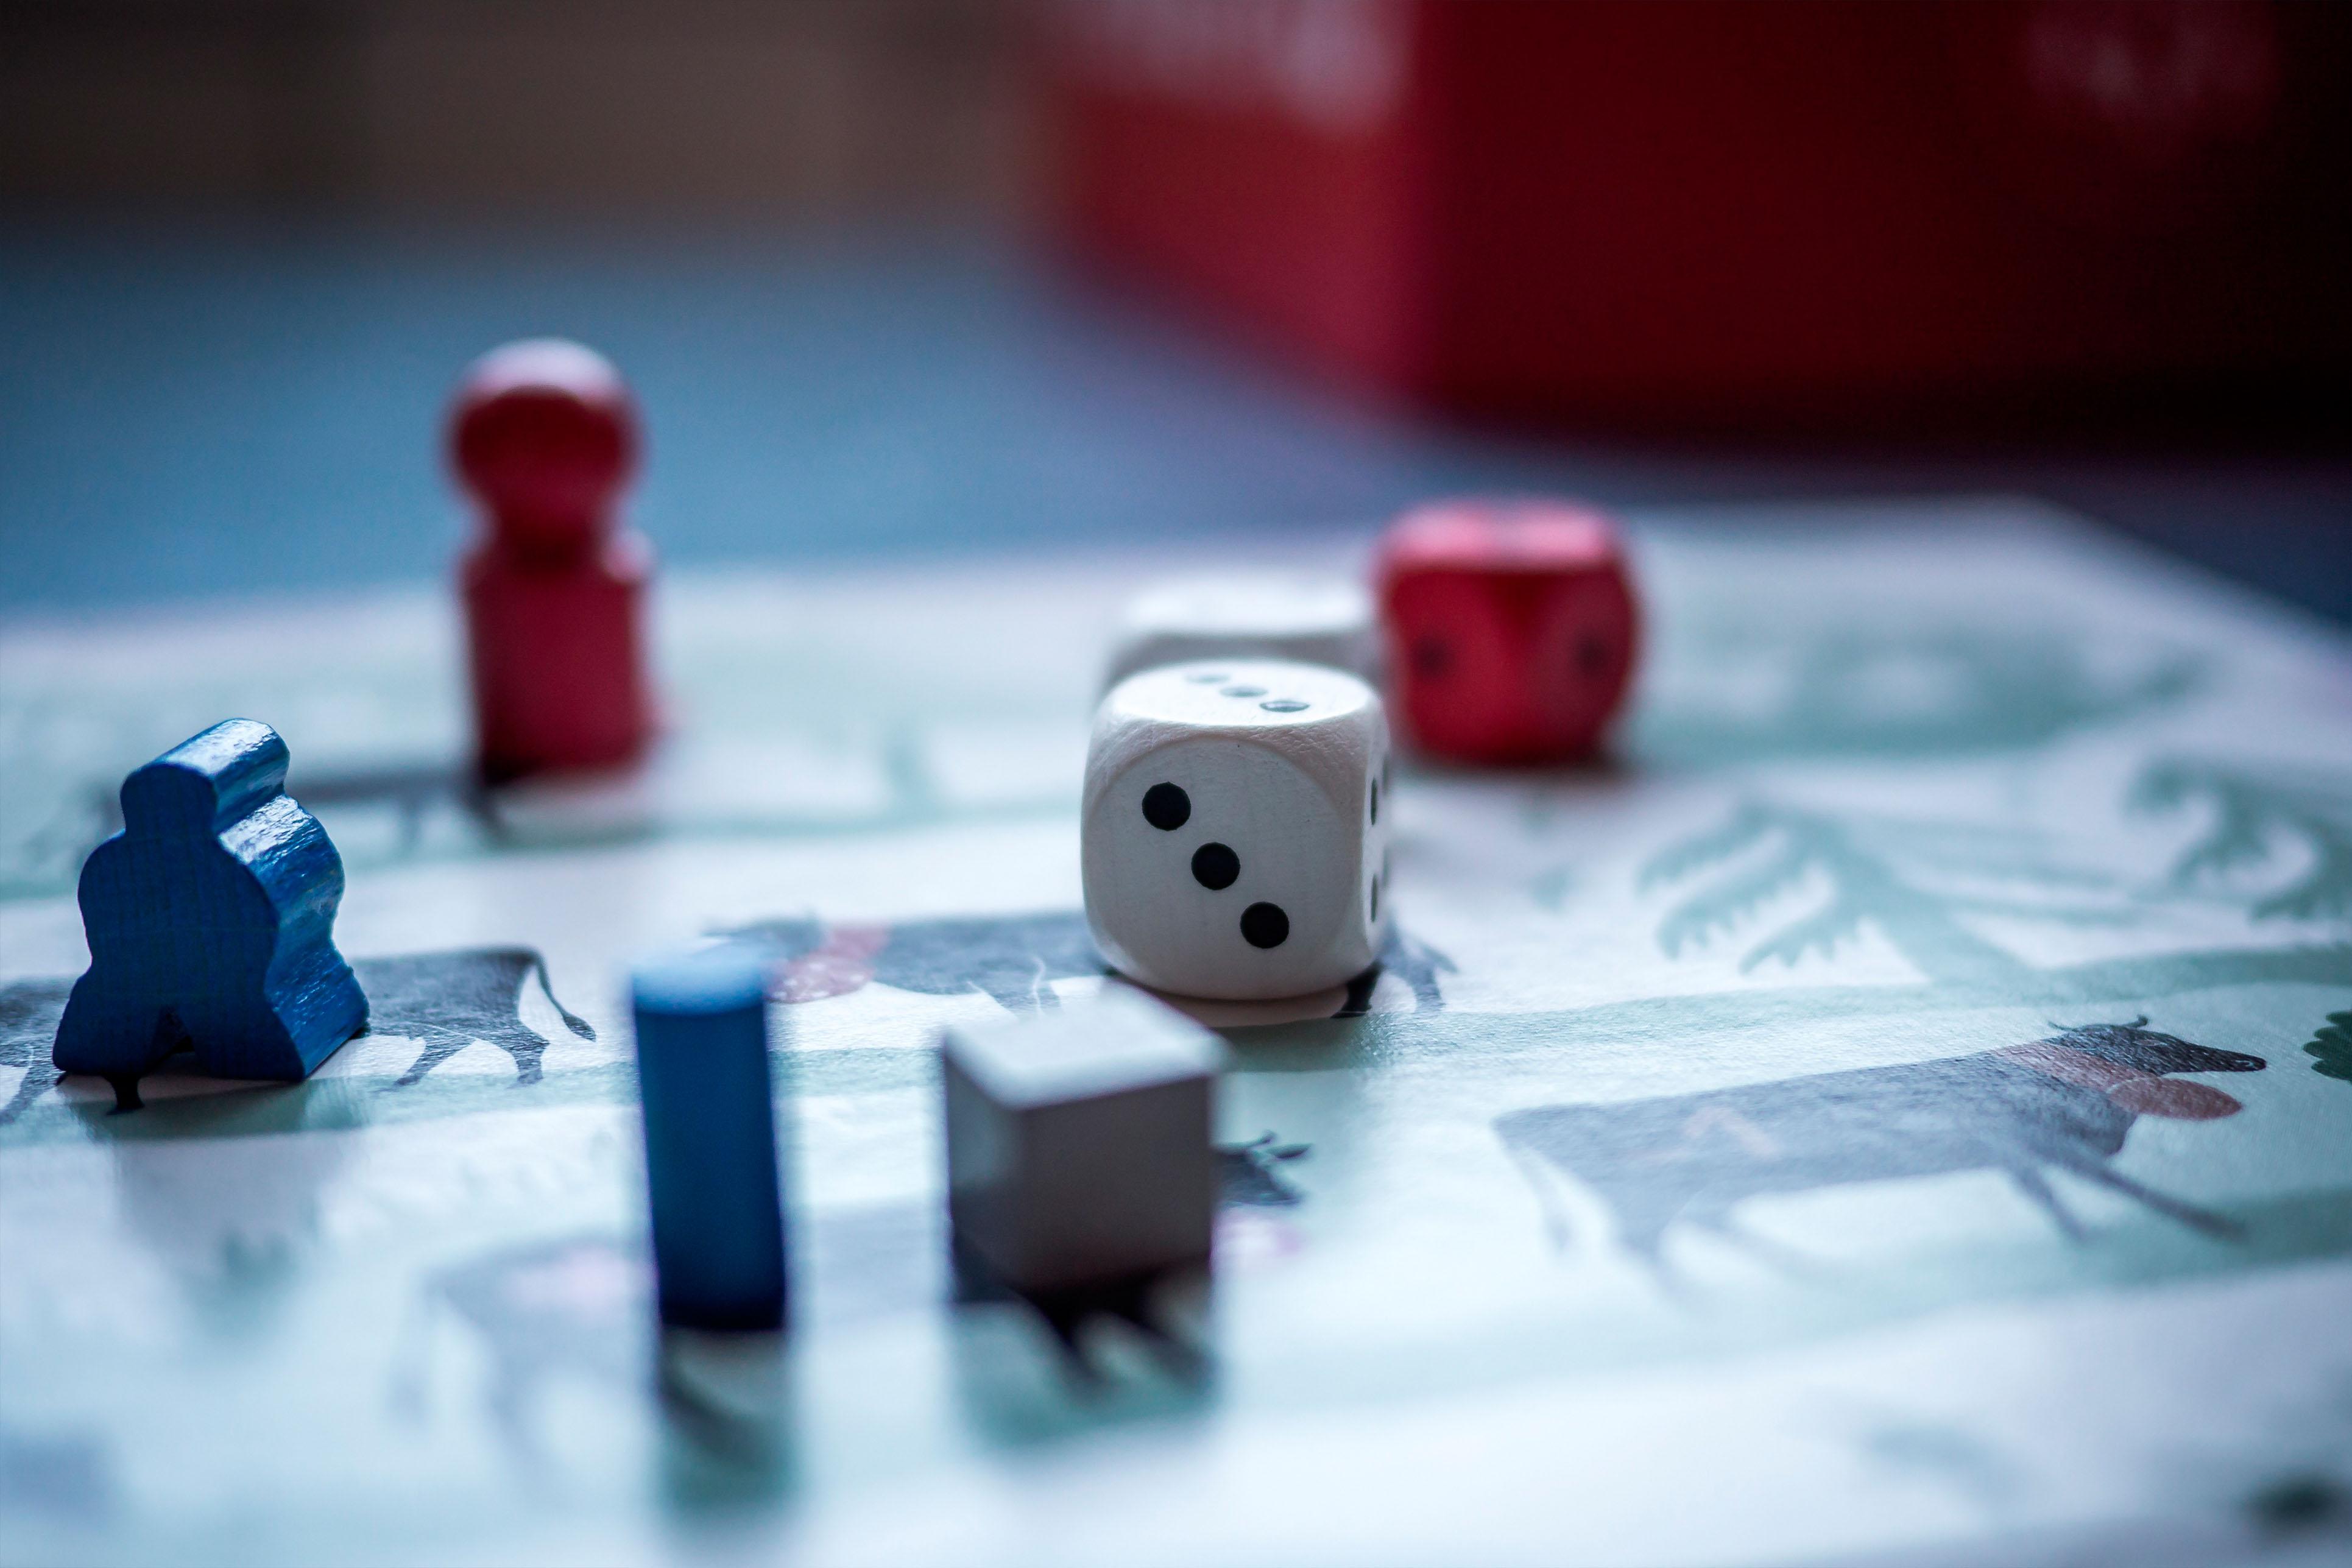 Os jogos são voltados para crianças que já entendem explicações e regras - Imagem Loja Cuba ©